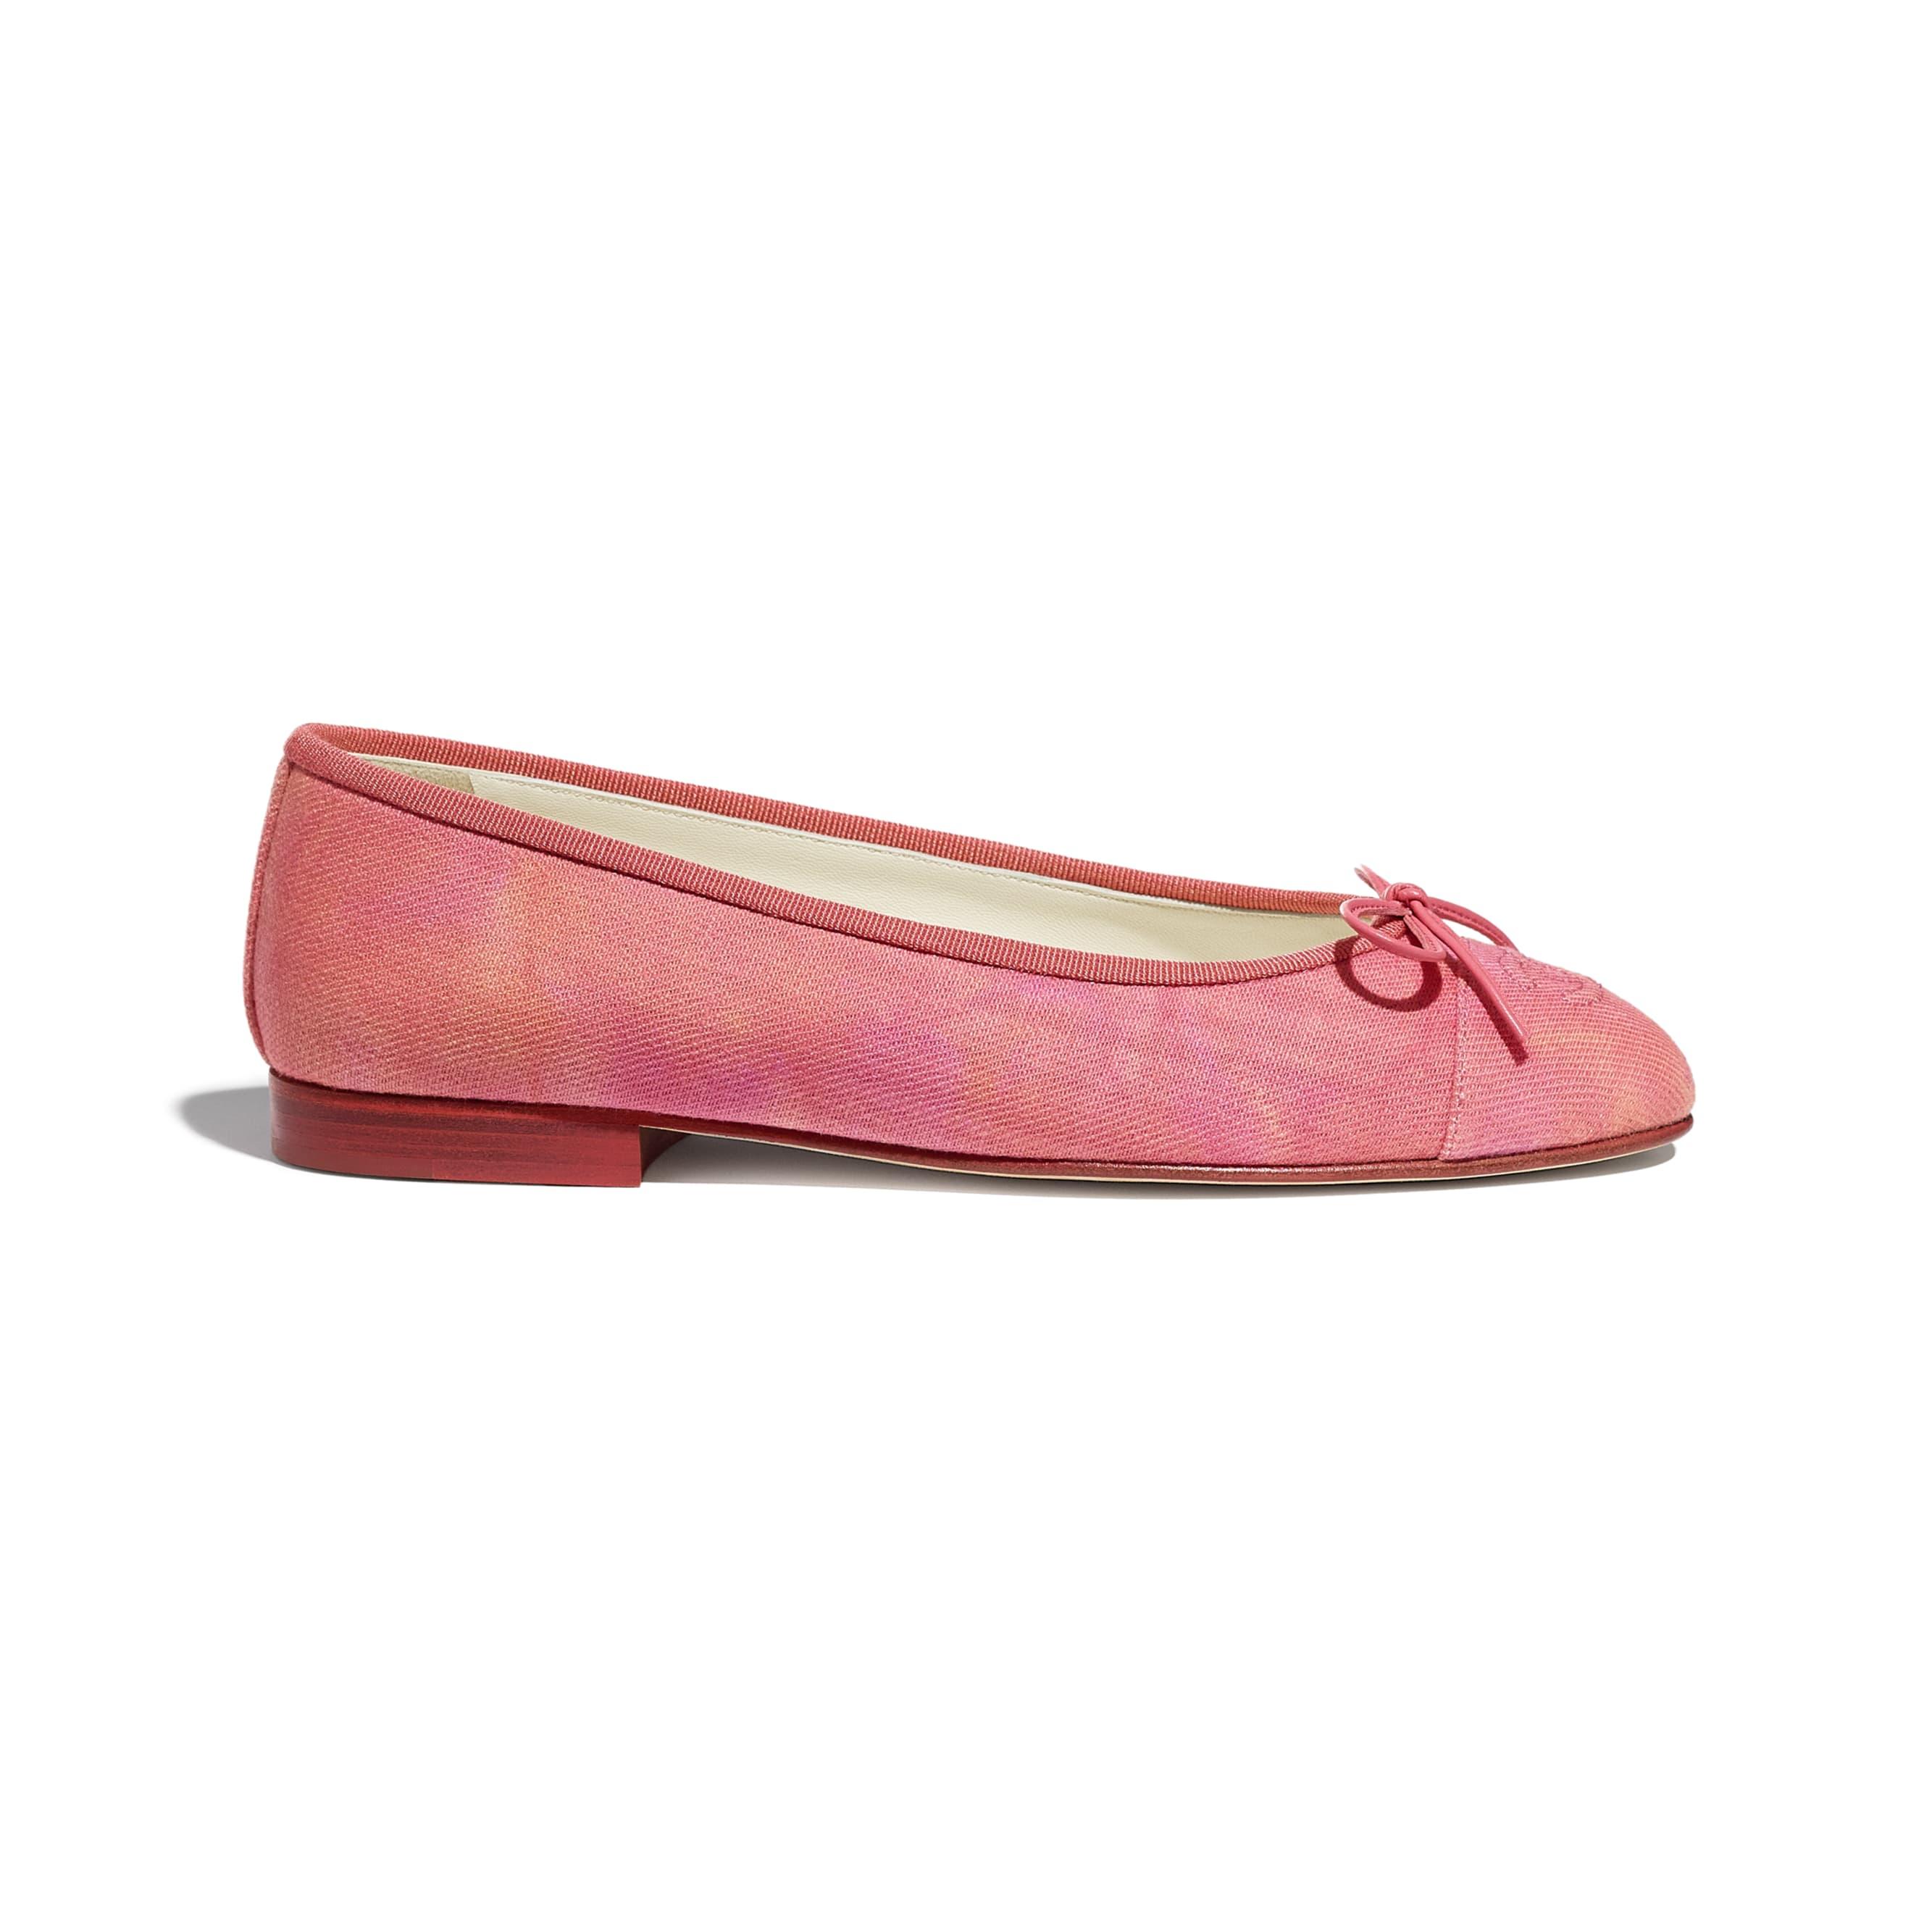 Ballerine - Corallo, rosa & arancione - Tessuto - CHANEL - Immagine predefinita - vedere versione standard